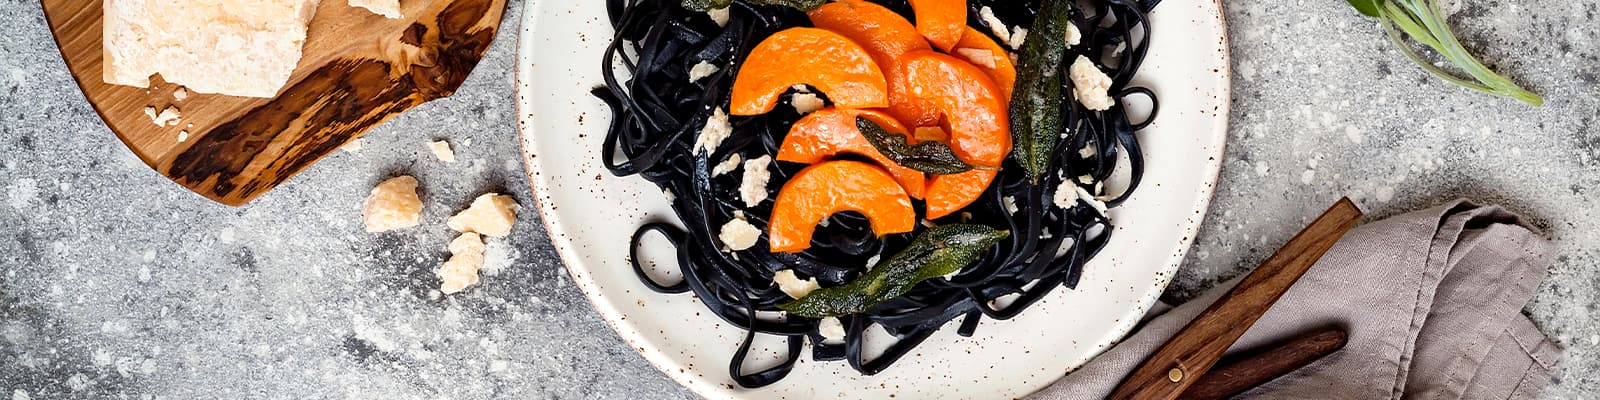 Pasta Garofalo - Spaghetti nero di sepia con calabaza asada